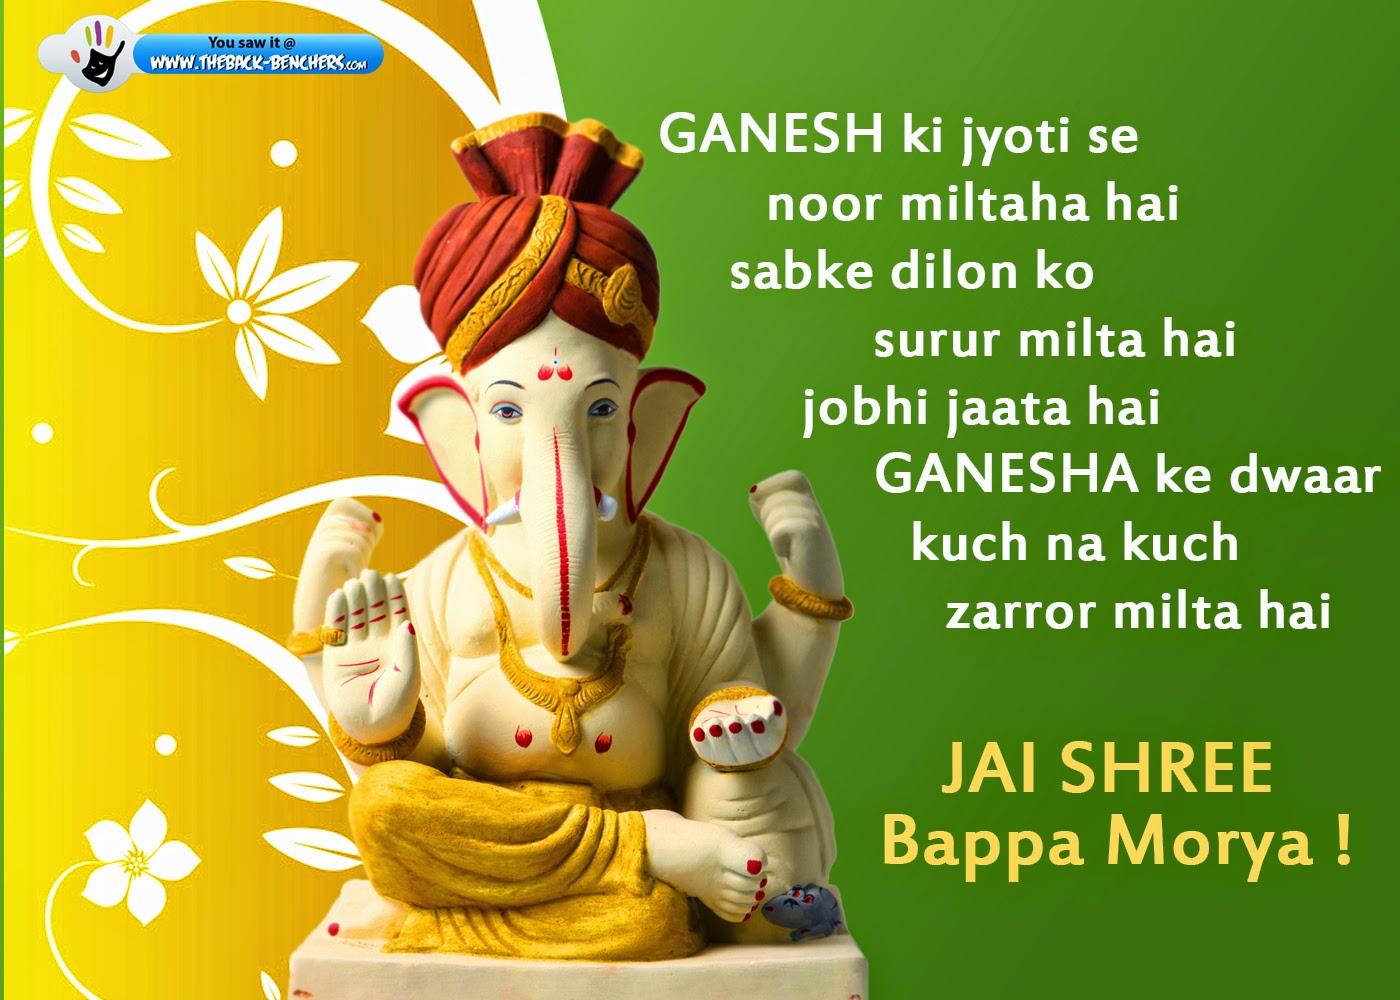 16 Happy And Prosperous Vinayaka Chathurthi 2014: { Happy } Ganesh Chaturthi SMS